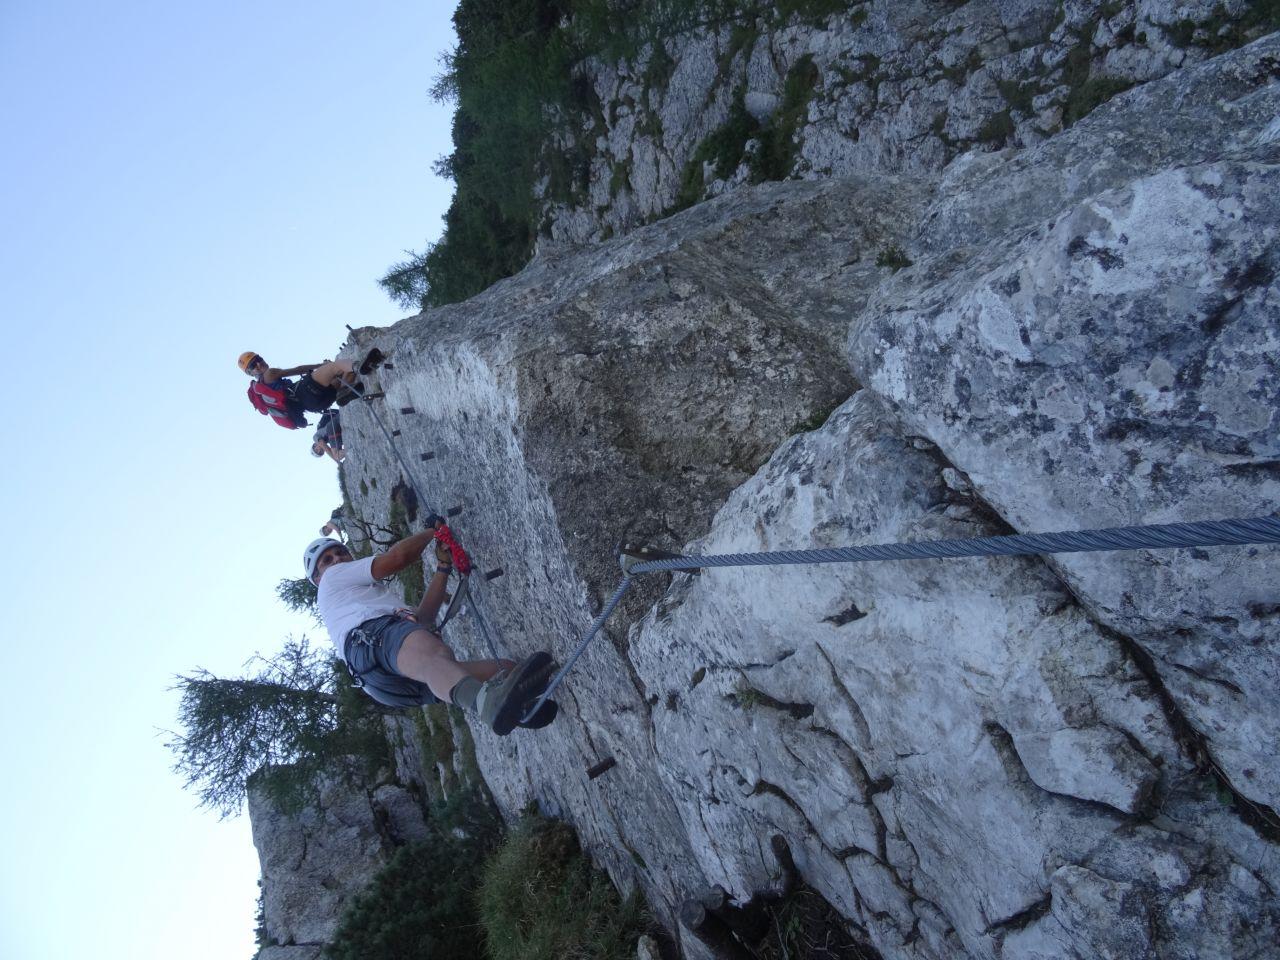 Klettersteig Wolfgangsee : Aktivitäten rund um den wolfgangsee im sommer gasthof hotel